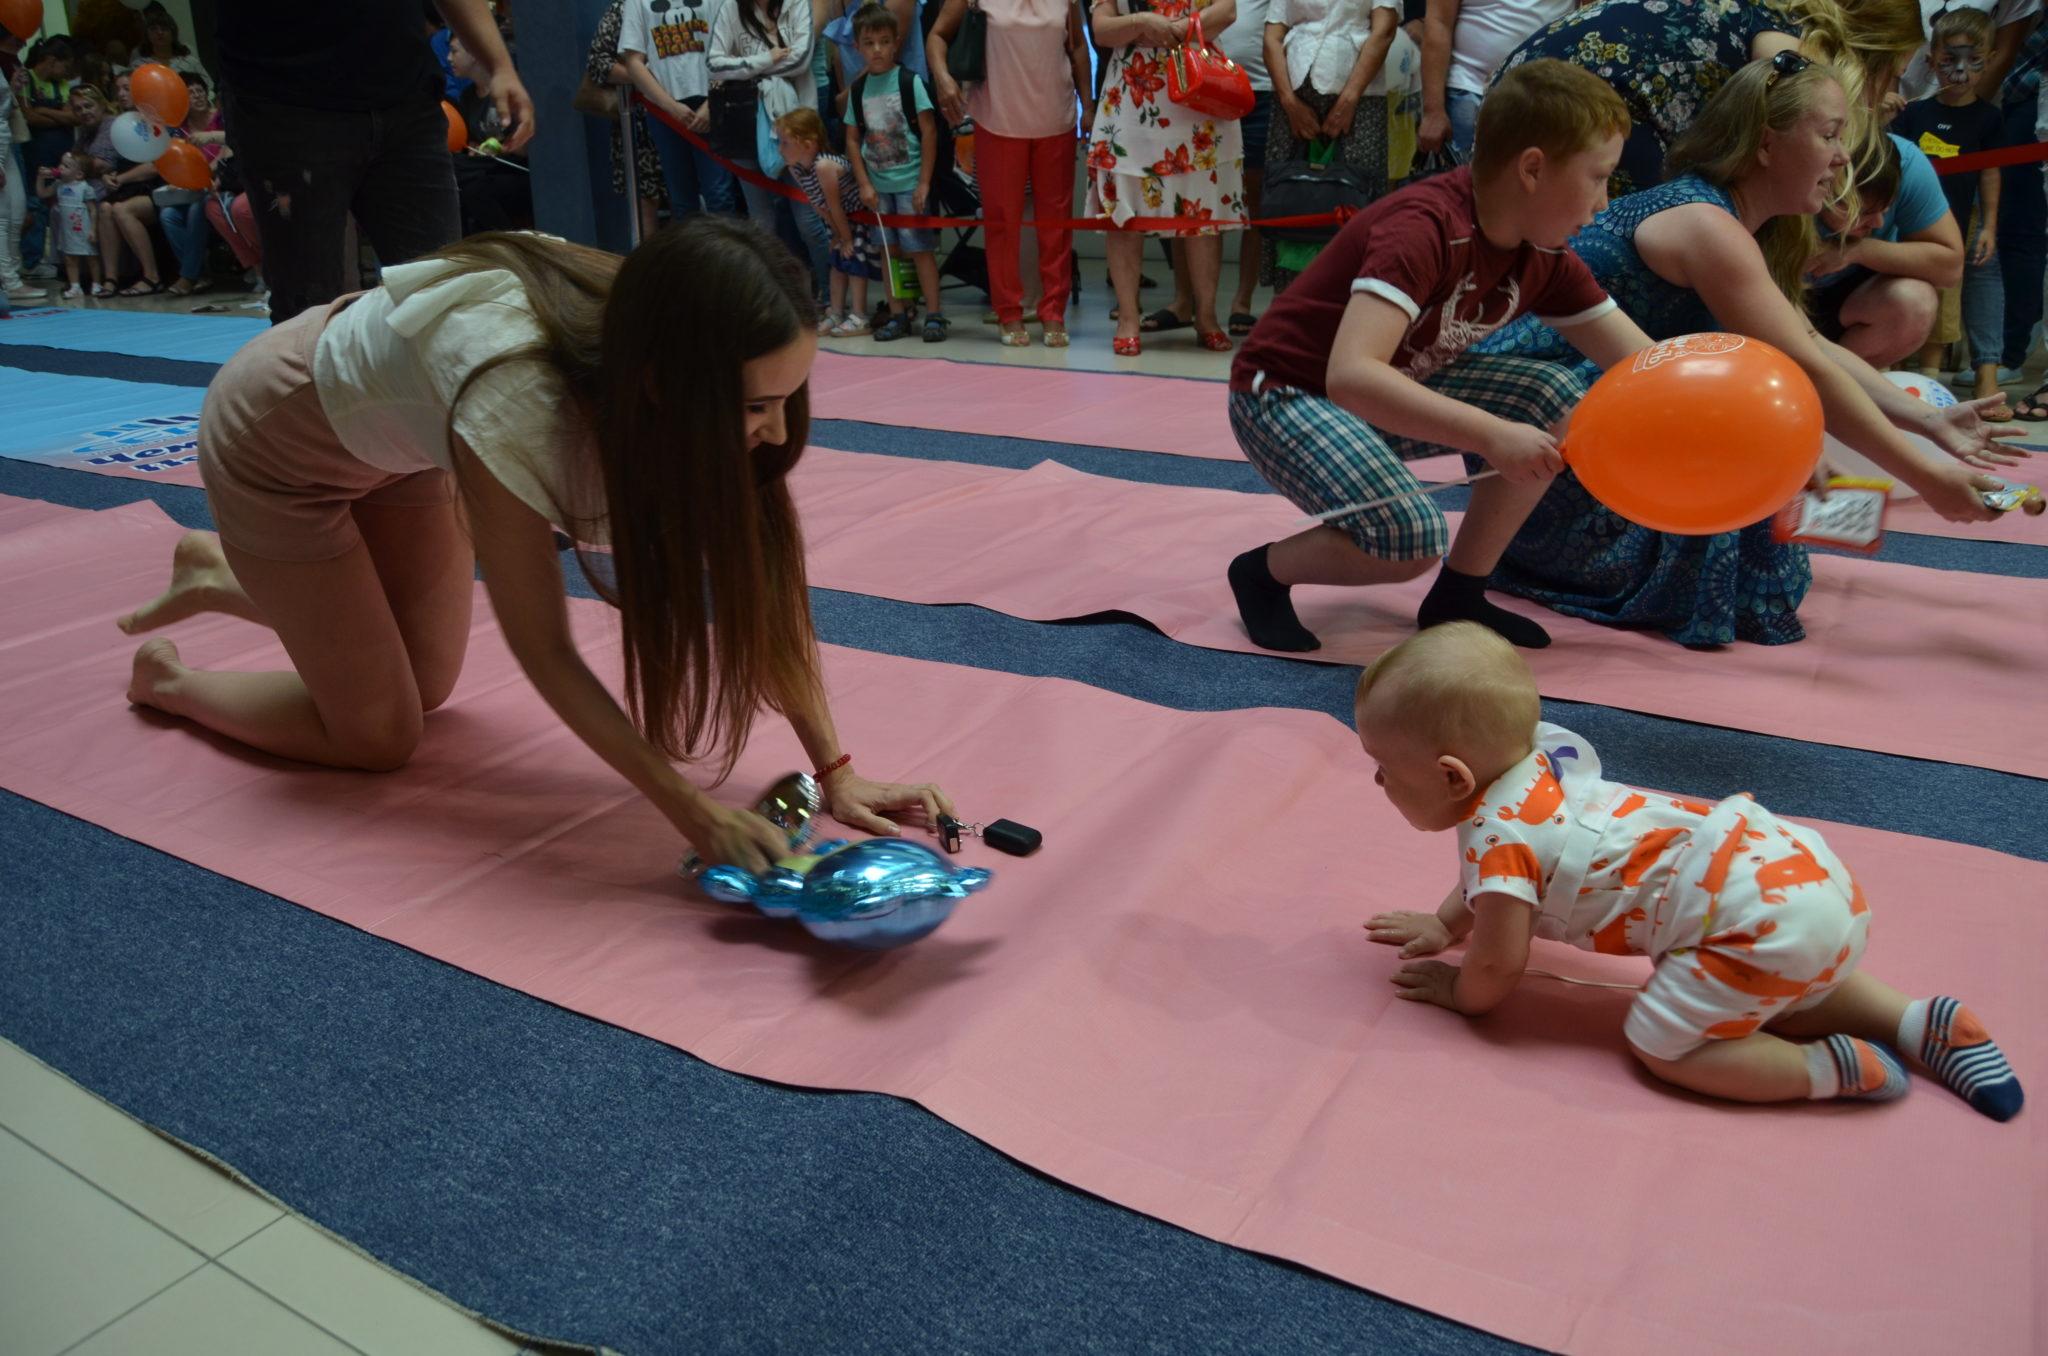 Забег для самых маленьких. Чемпионат ползунков-2019 в Оренбурге